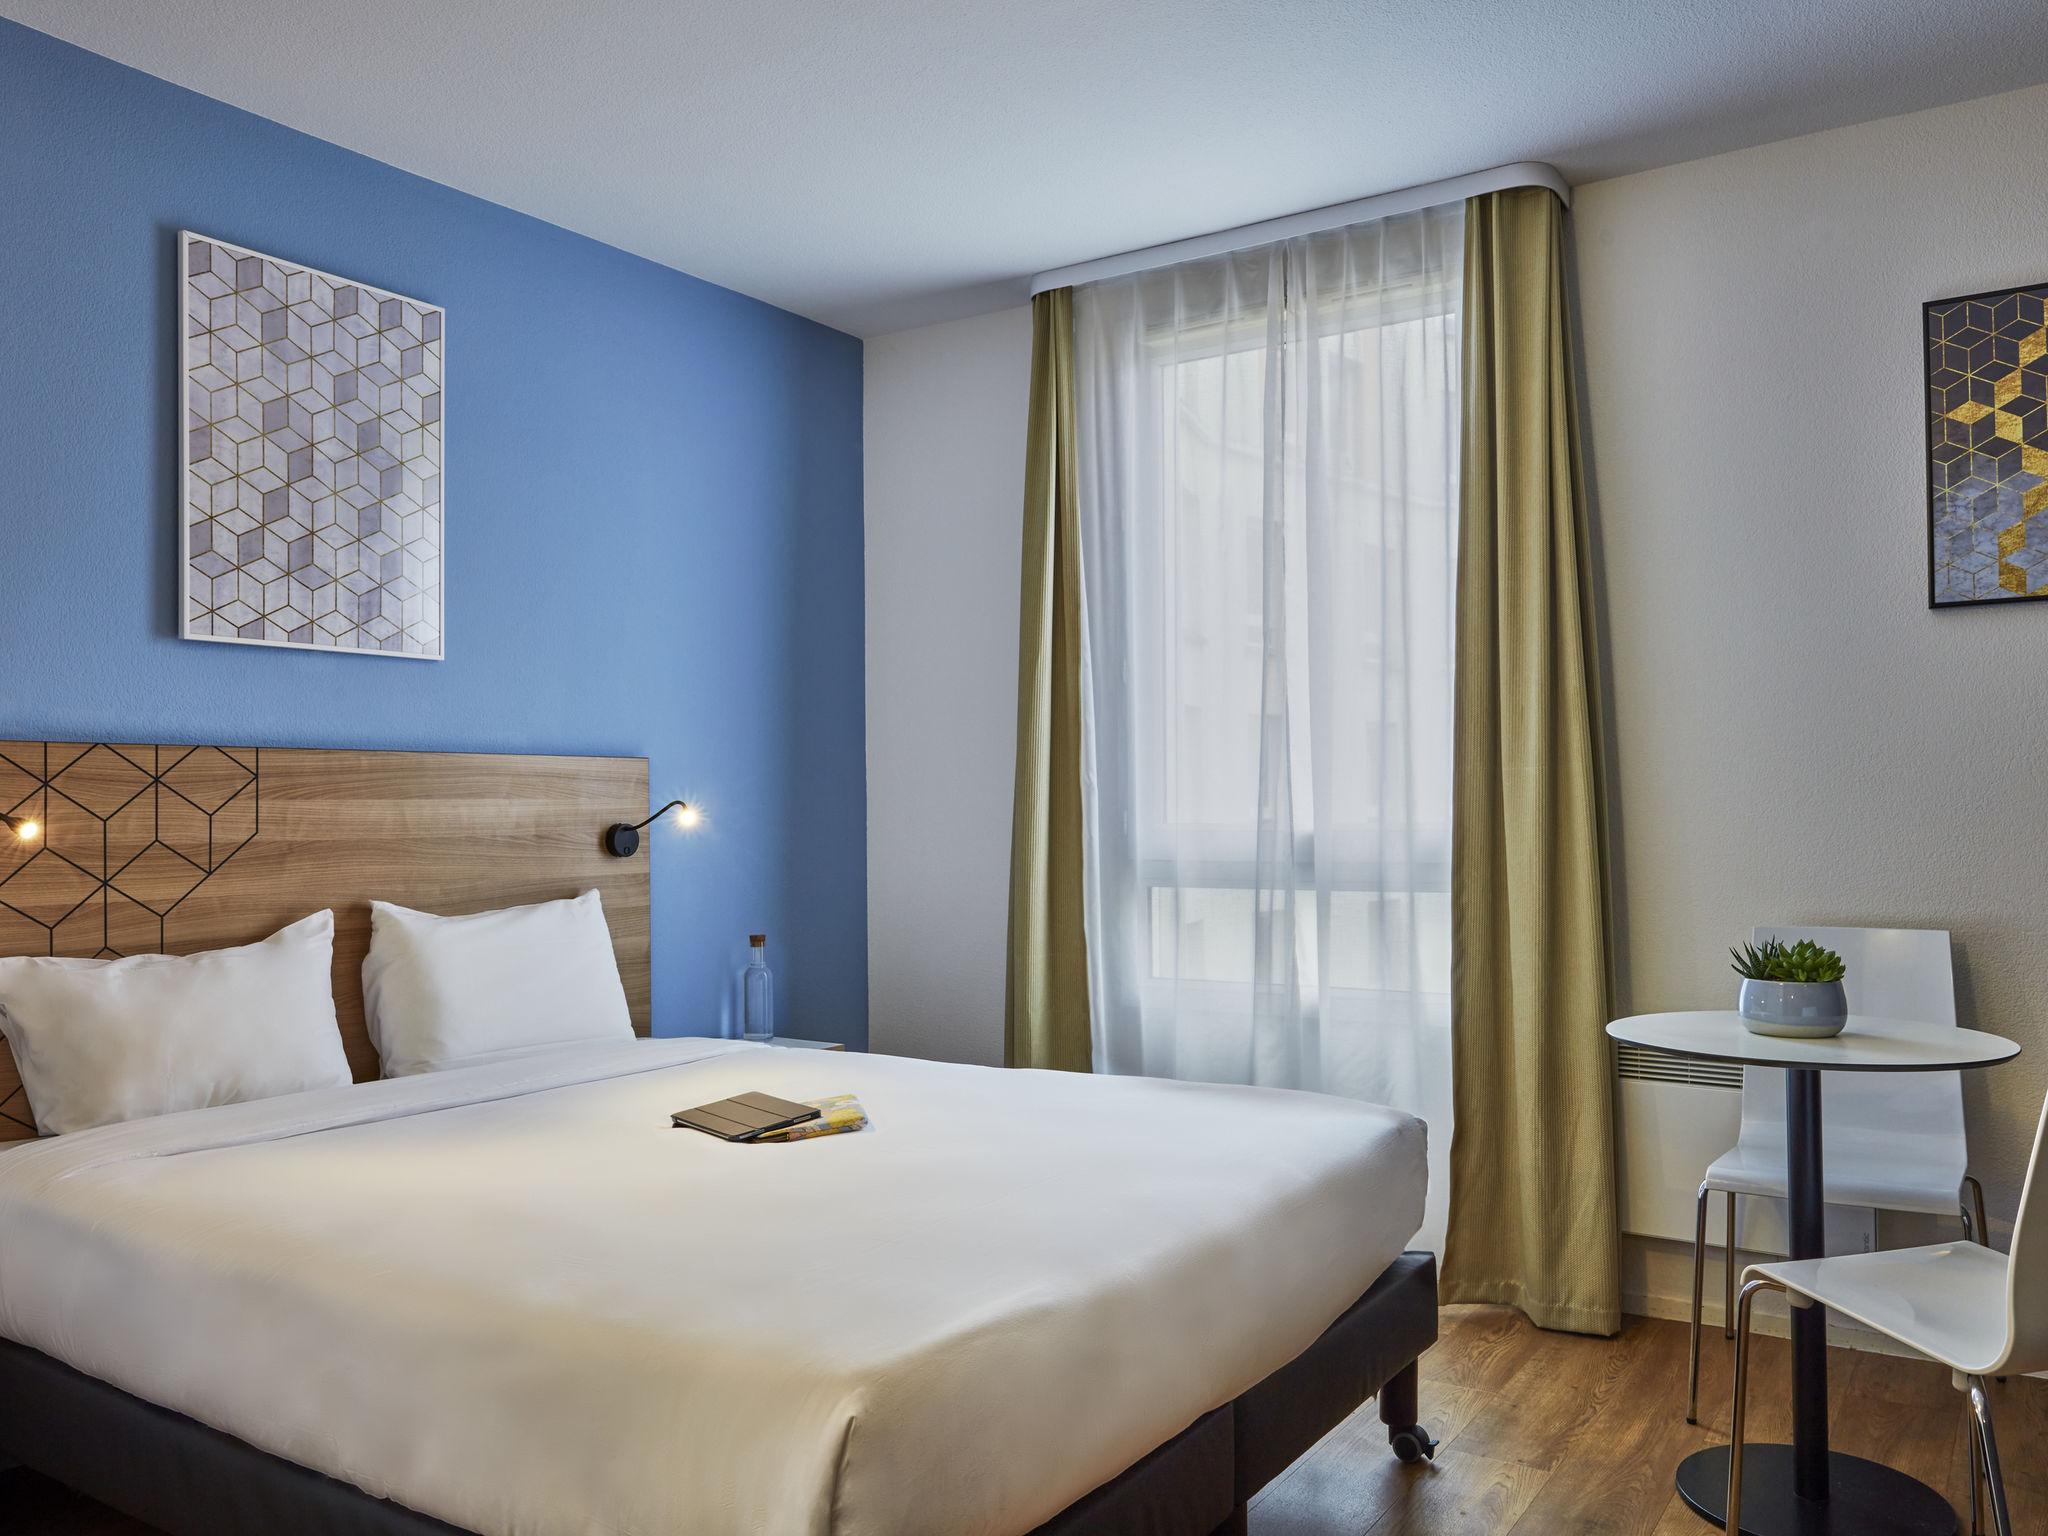 hotel in ivry sur seine aparthotel adagio access paris. Black Bedroom Furniture Sets. Home Design Ideas